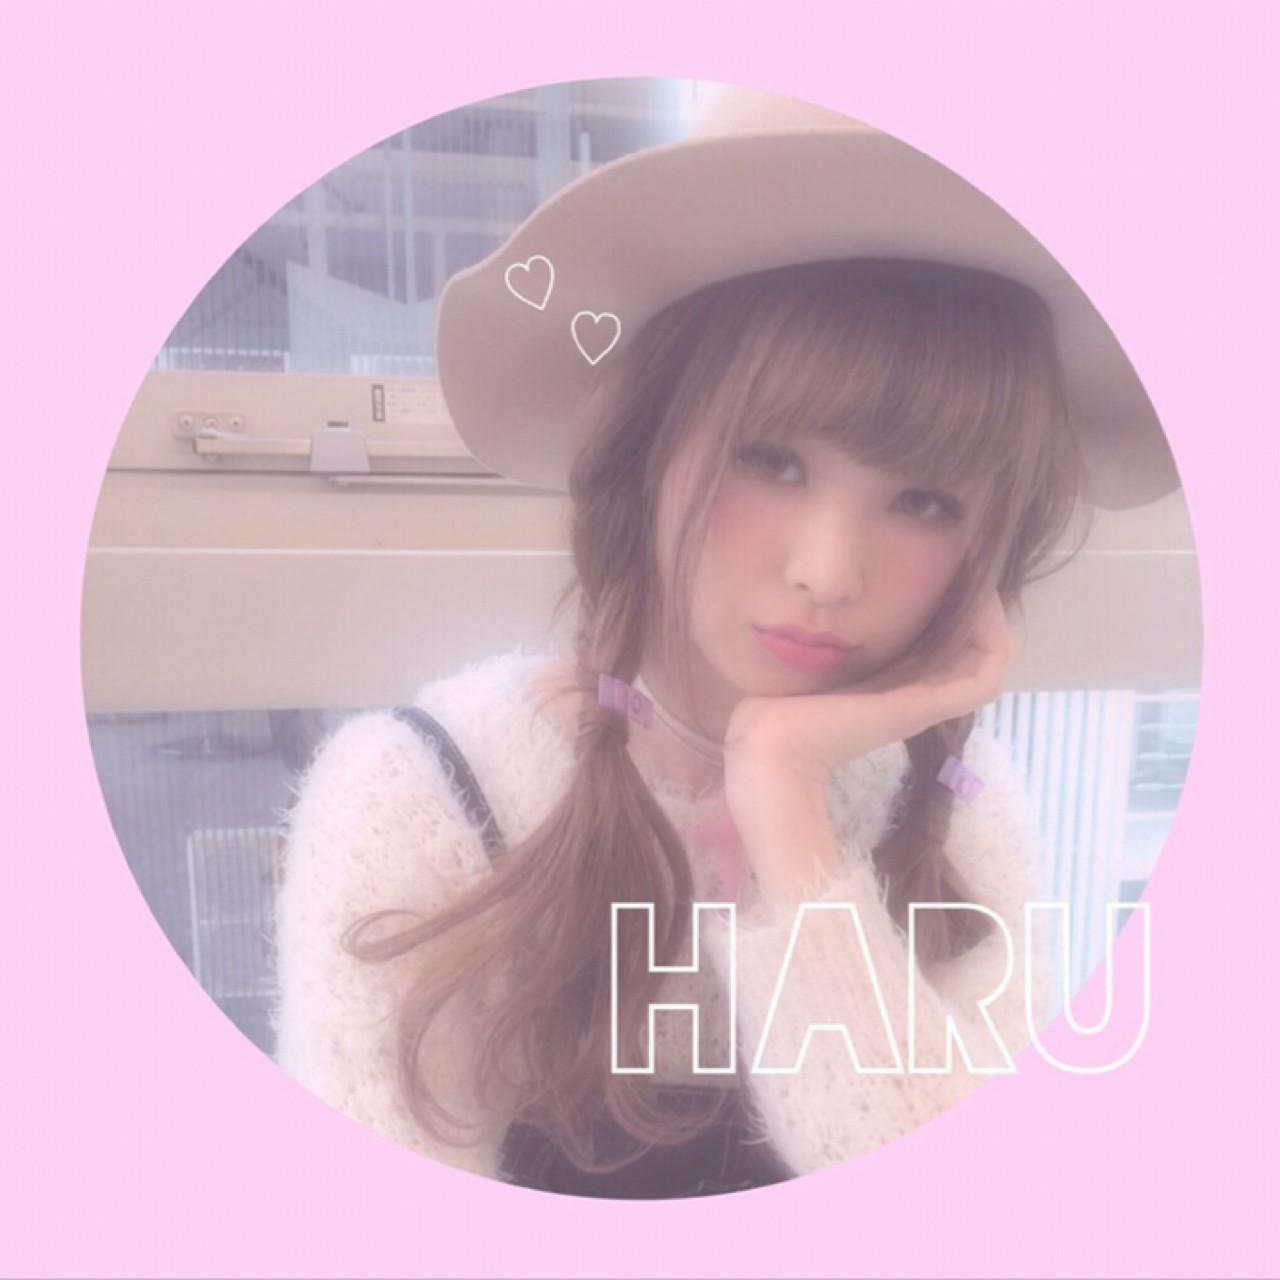 ゆるふわ 外国人風 ヘアアレンジ ロング ヘアスタイルや髪型の写真・画像 | haruka♡ /